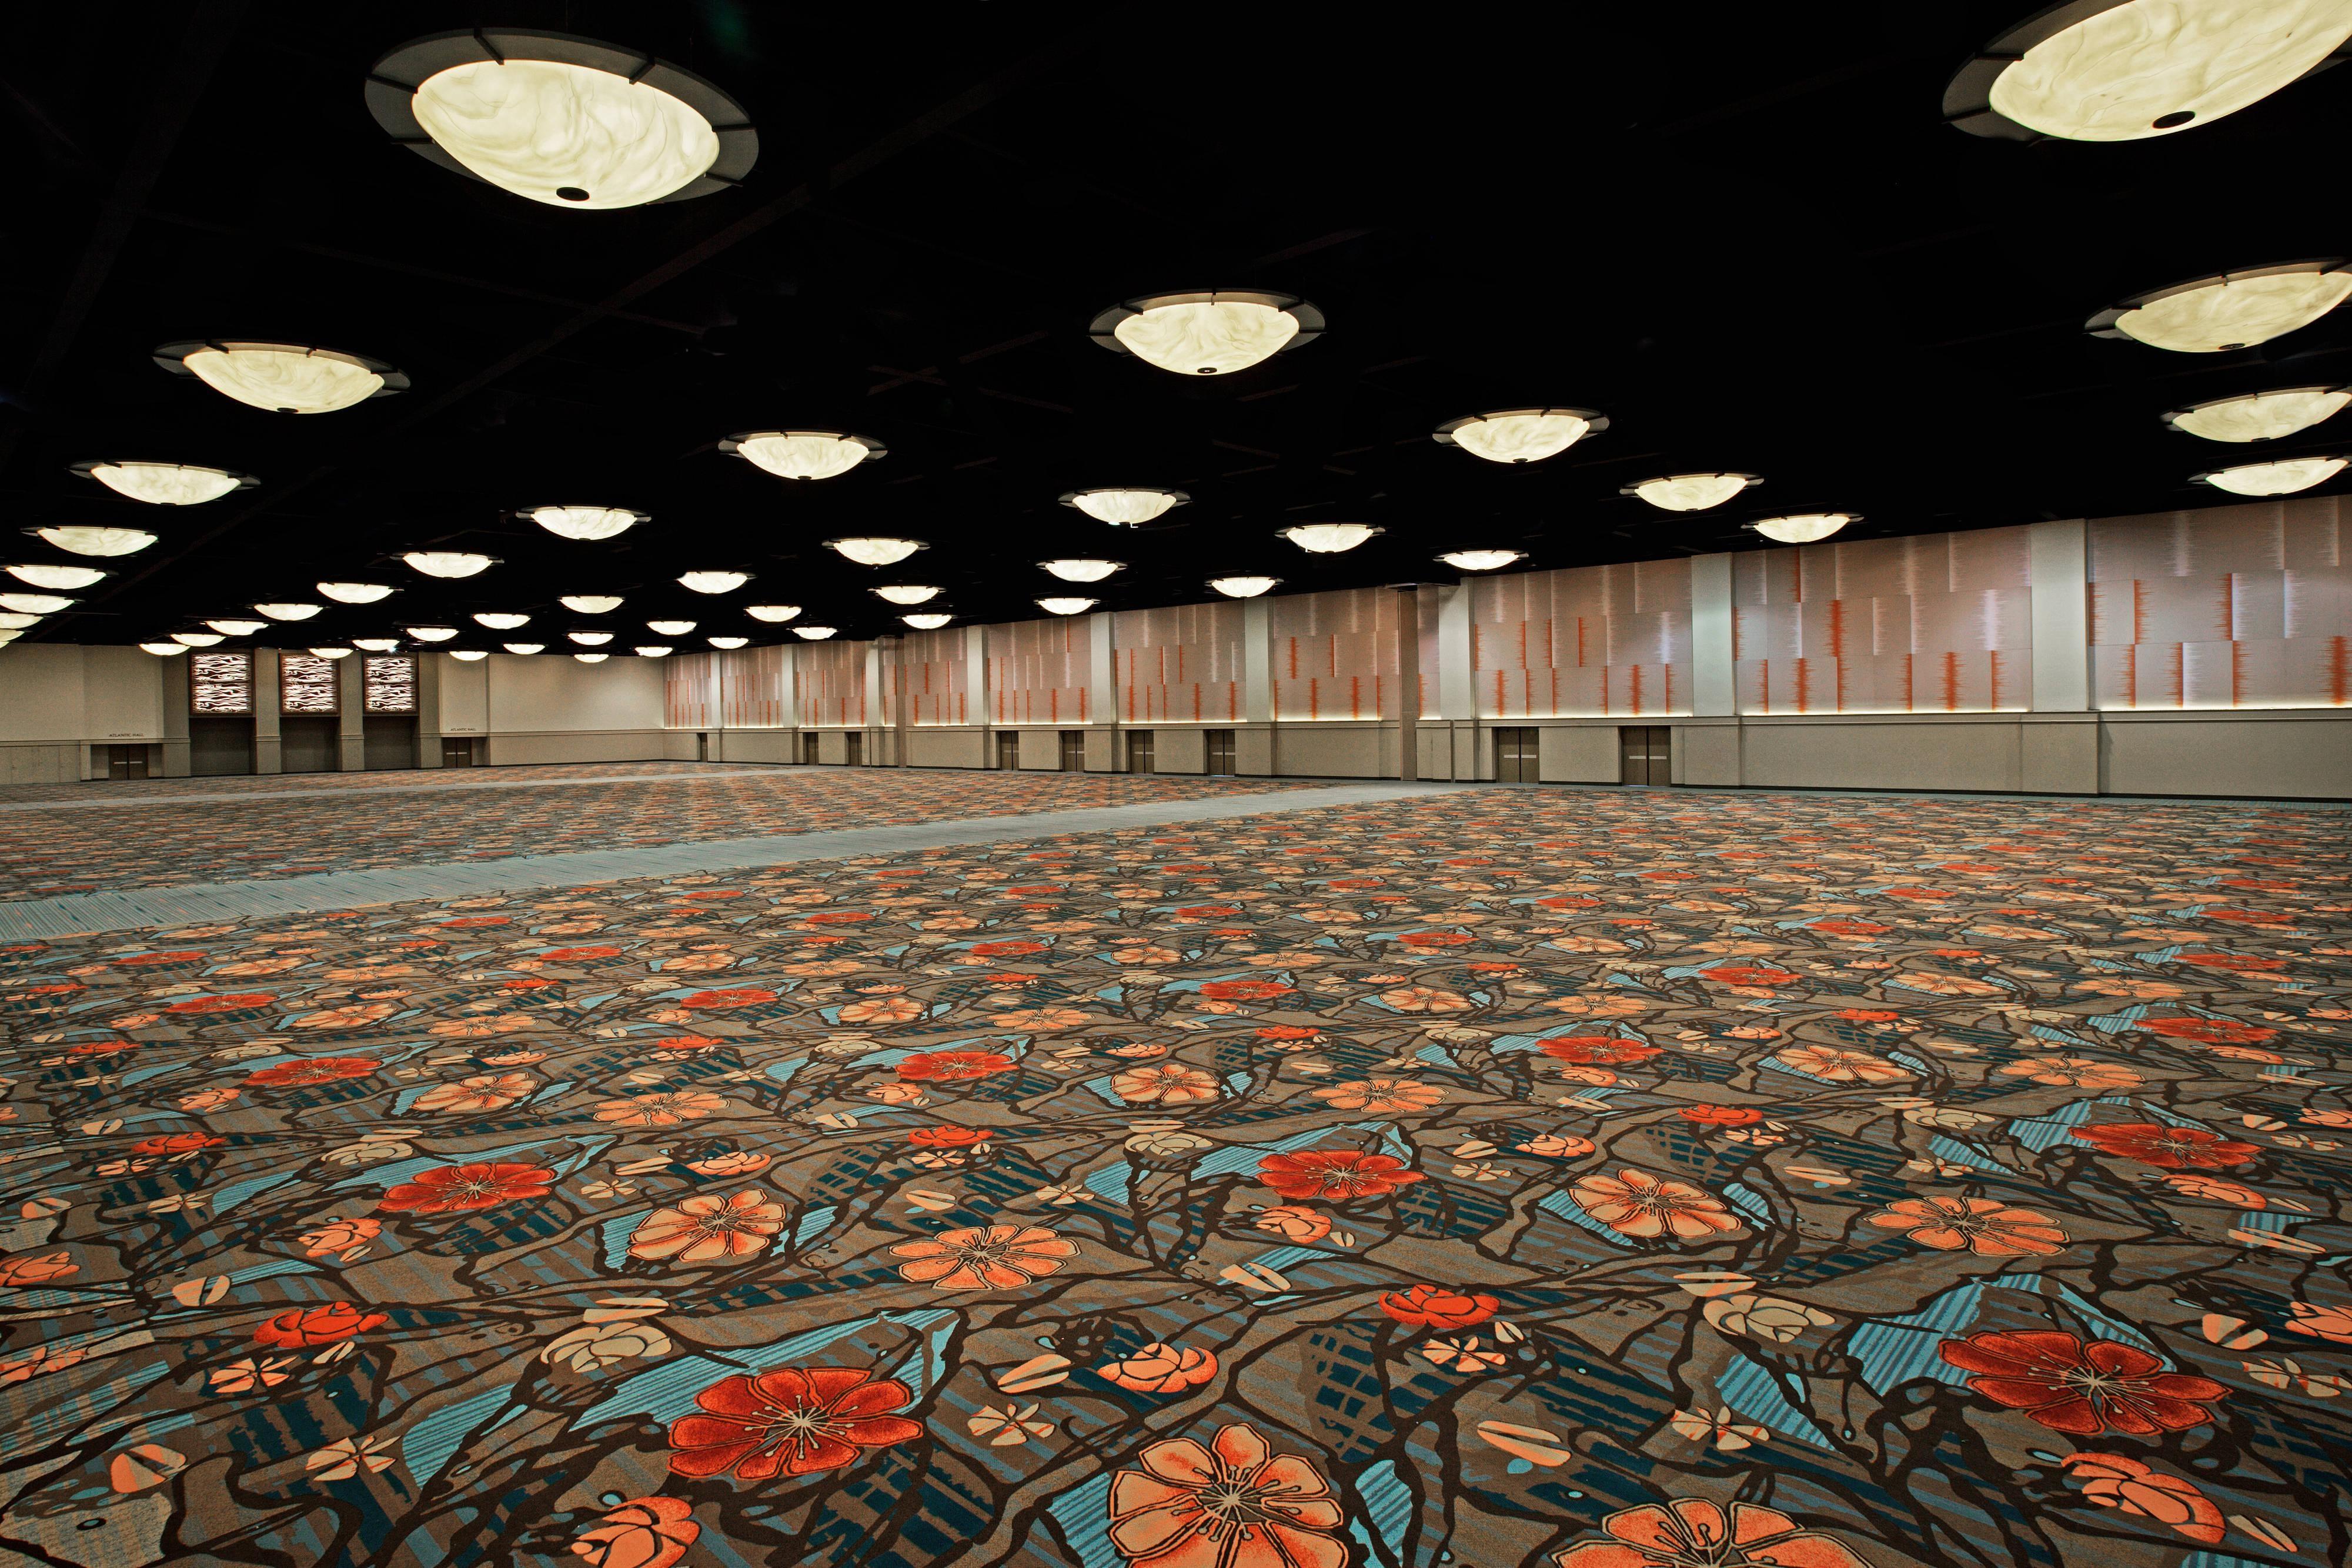 Pacific Hall Ballroom